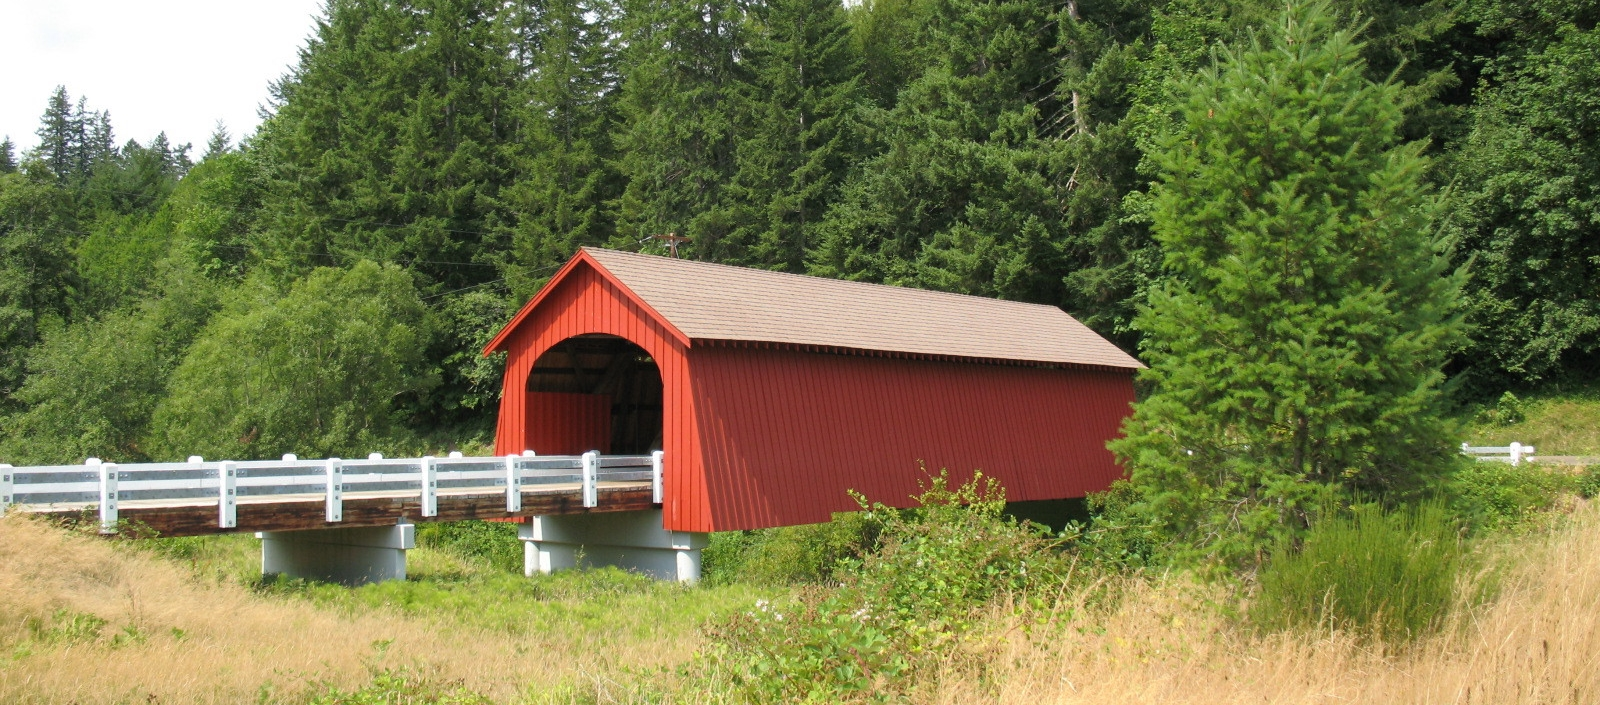 Fisher School Covered Bridge   Lincoln County, Oregon